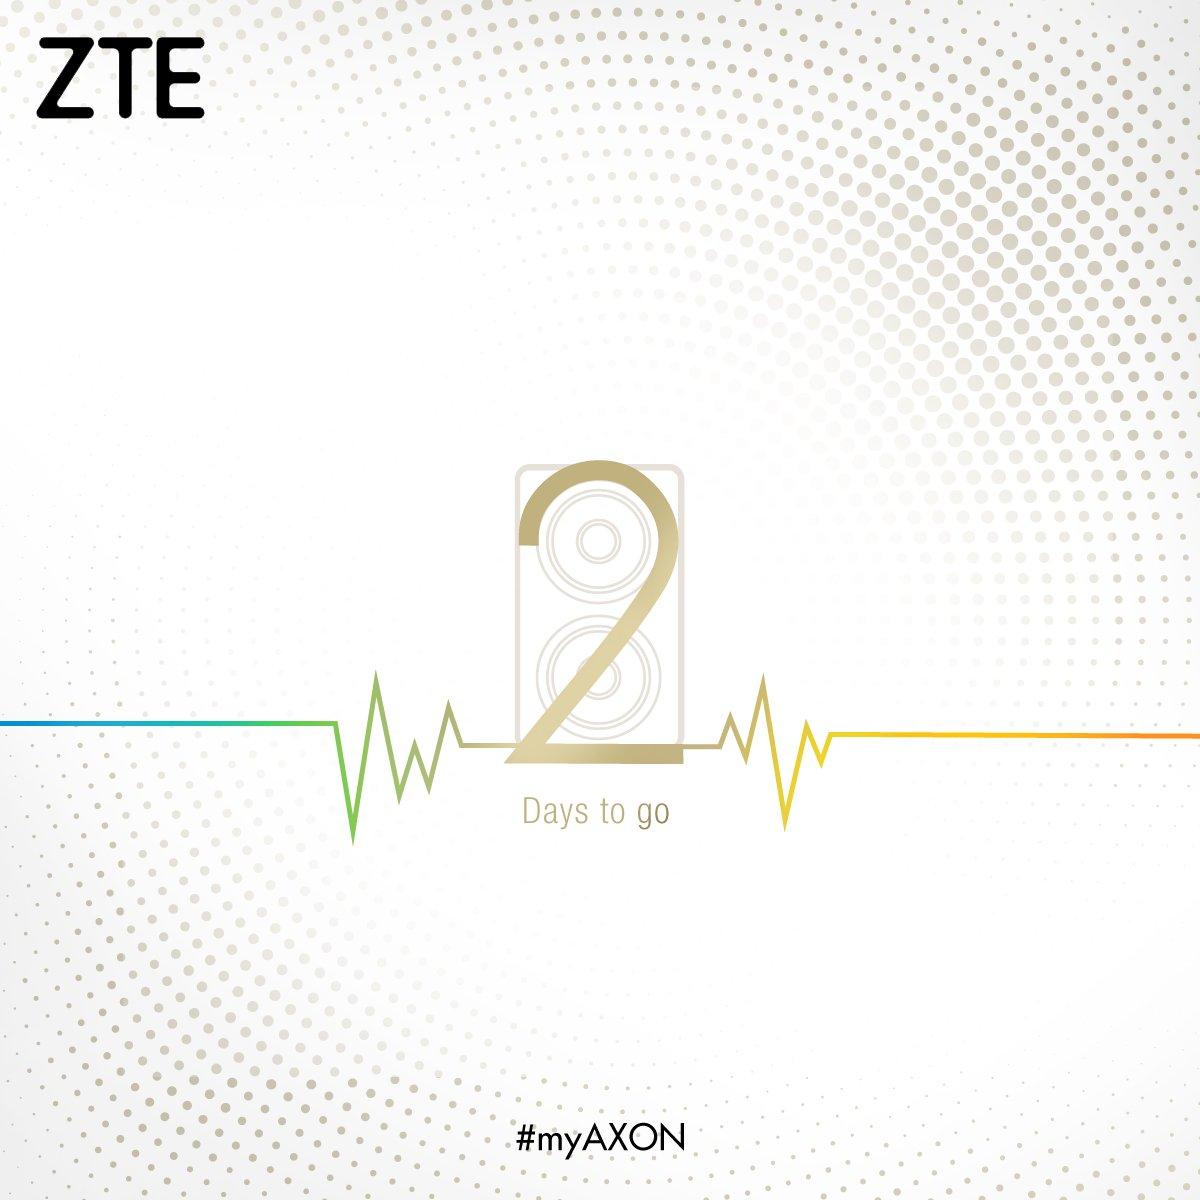 ZTE IFA Teaser